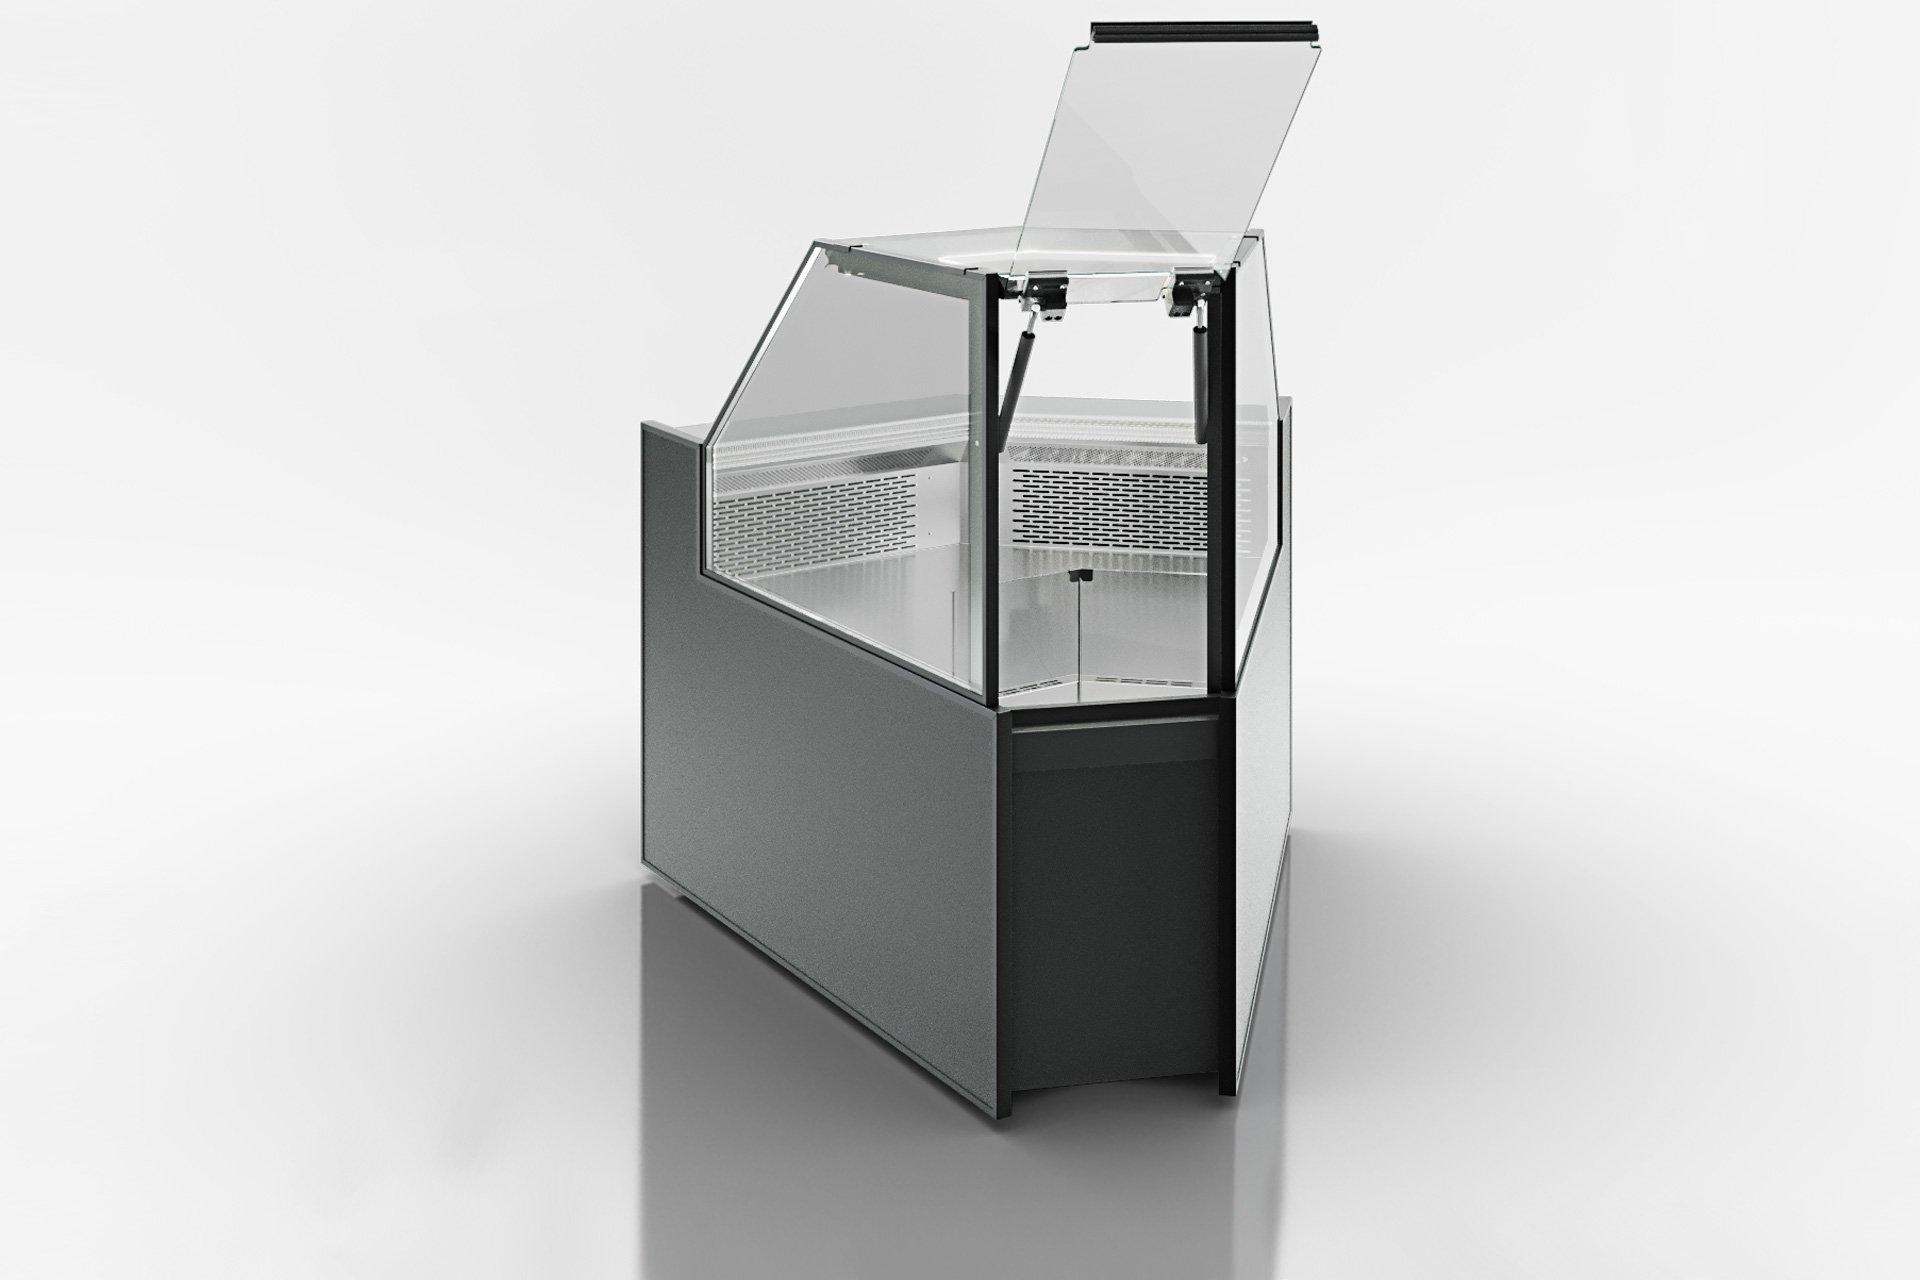 Угловые эленты холодильных витрин Missouri MC 120 deli PS 130-DLM-IS45